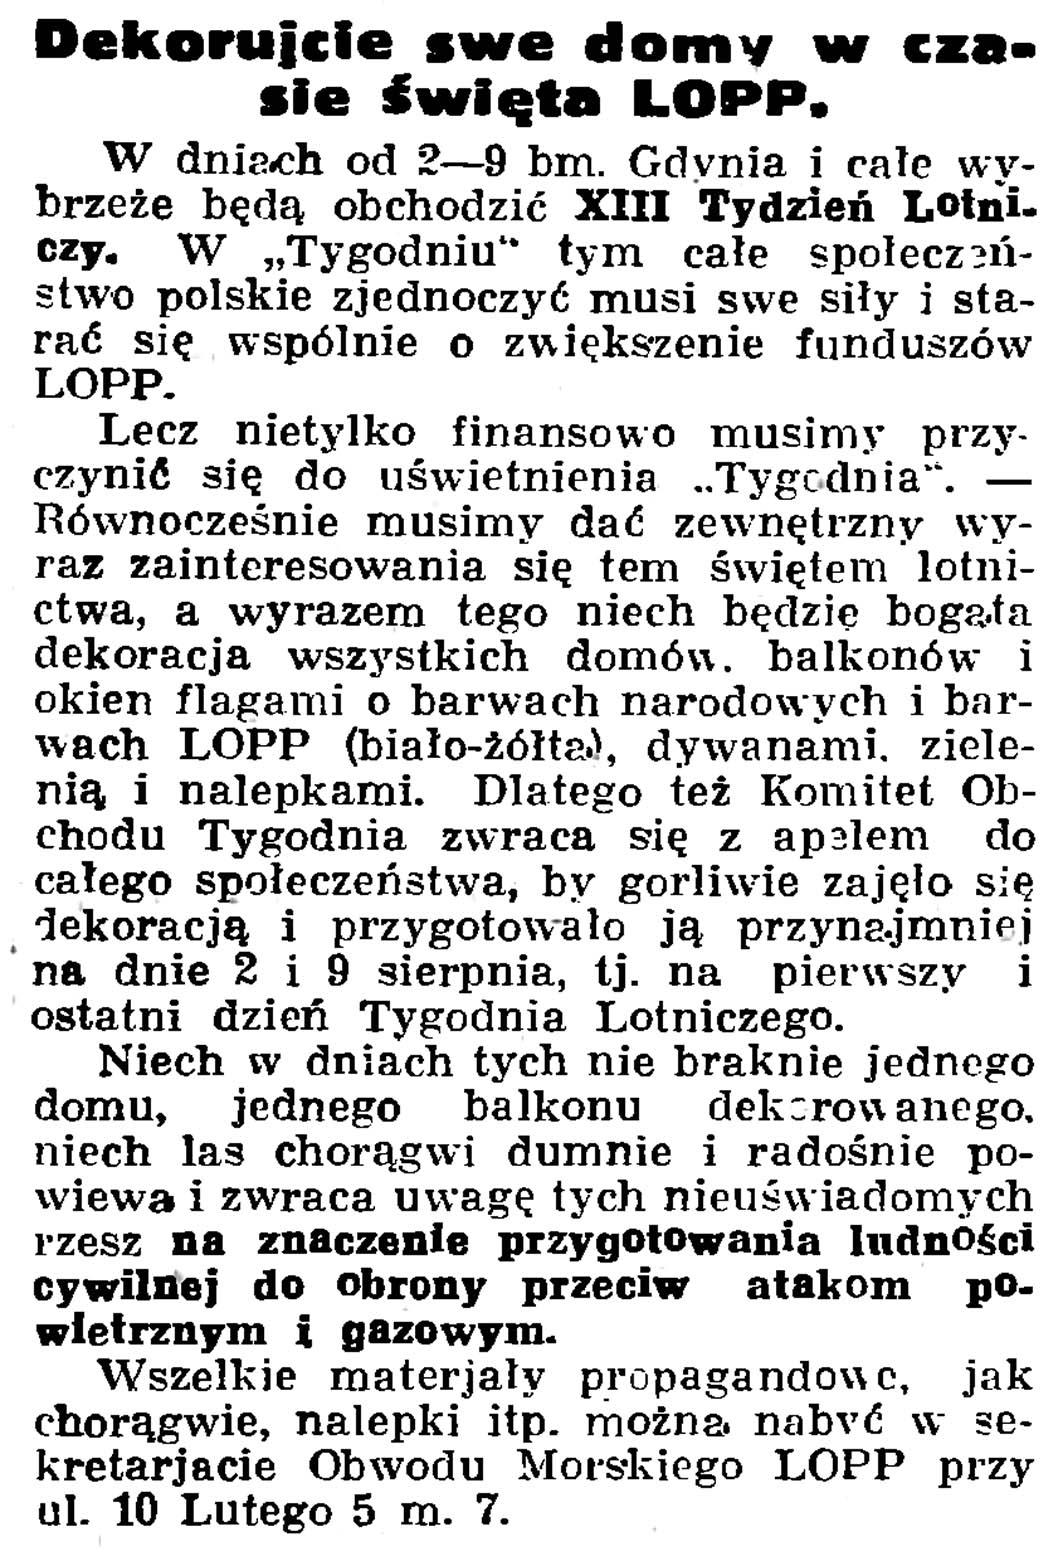 Dekorujcie swe domy w czasie święta LOPP // Gazeta Gdańska. - 1936, nr 174, s. 12